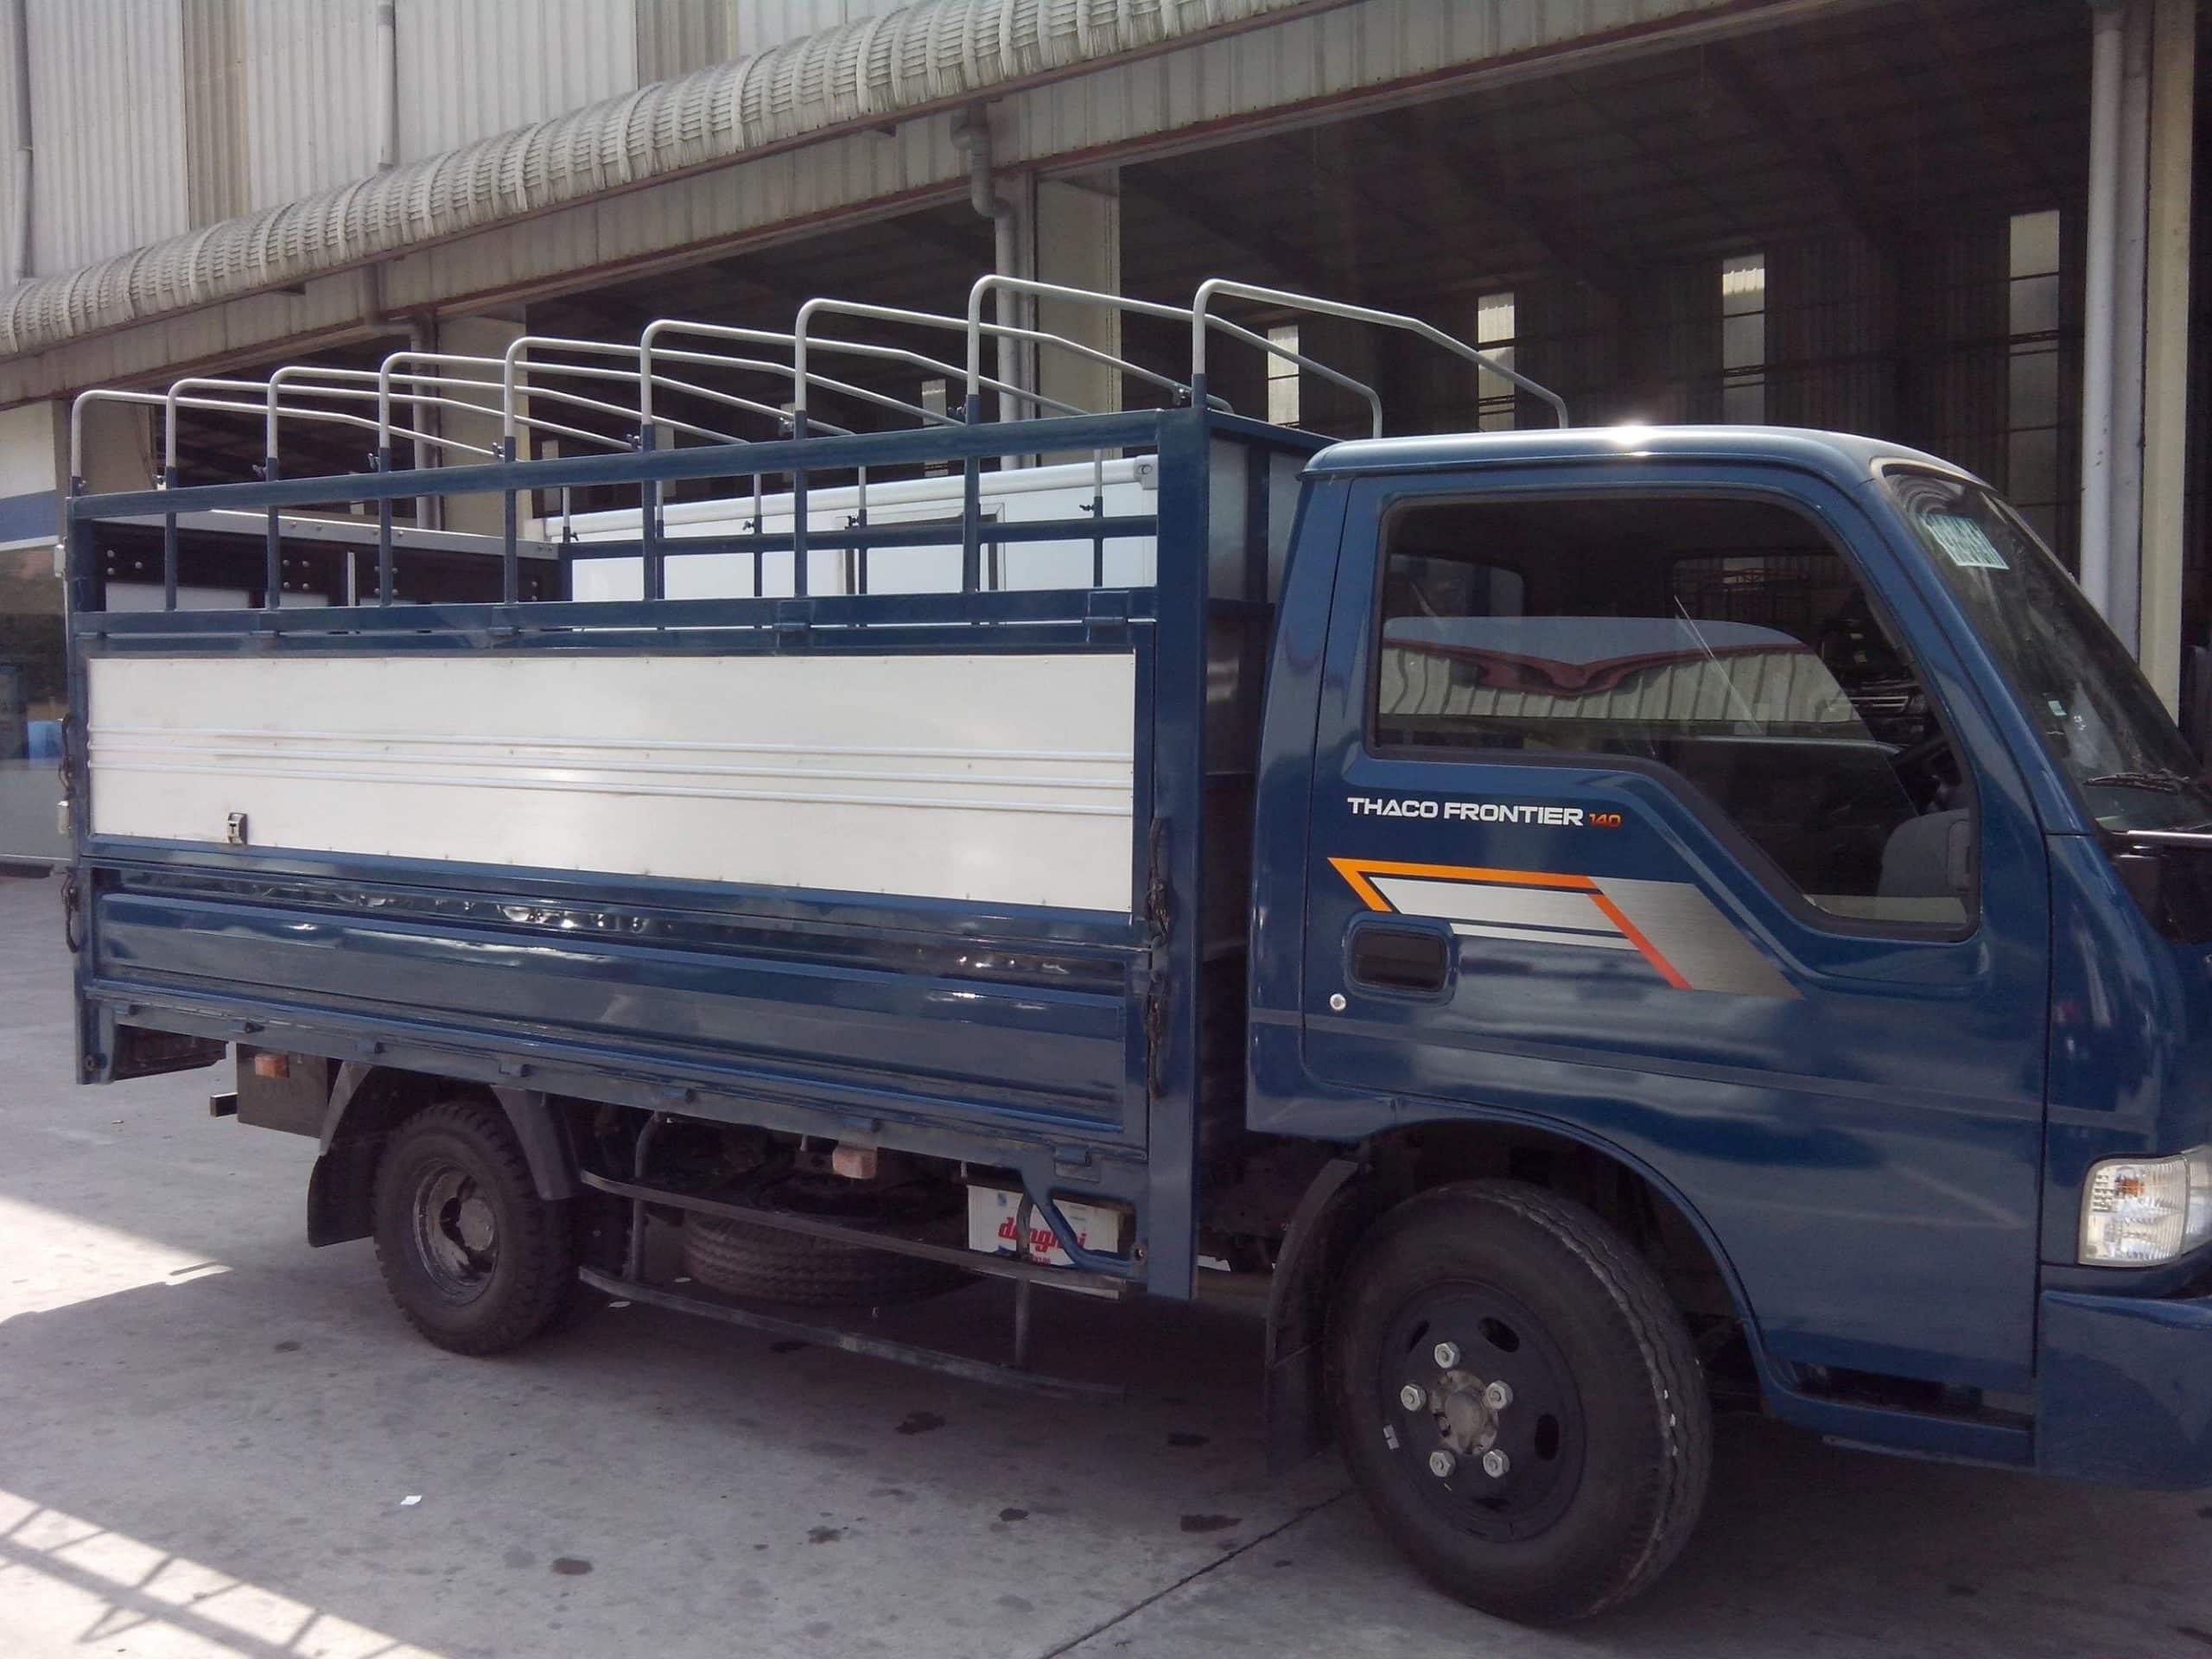 Xe tải dưới 2 tấn thiết kế nhỏ gọn, động cơ mạnh mẽ